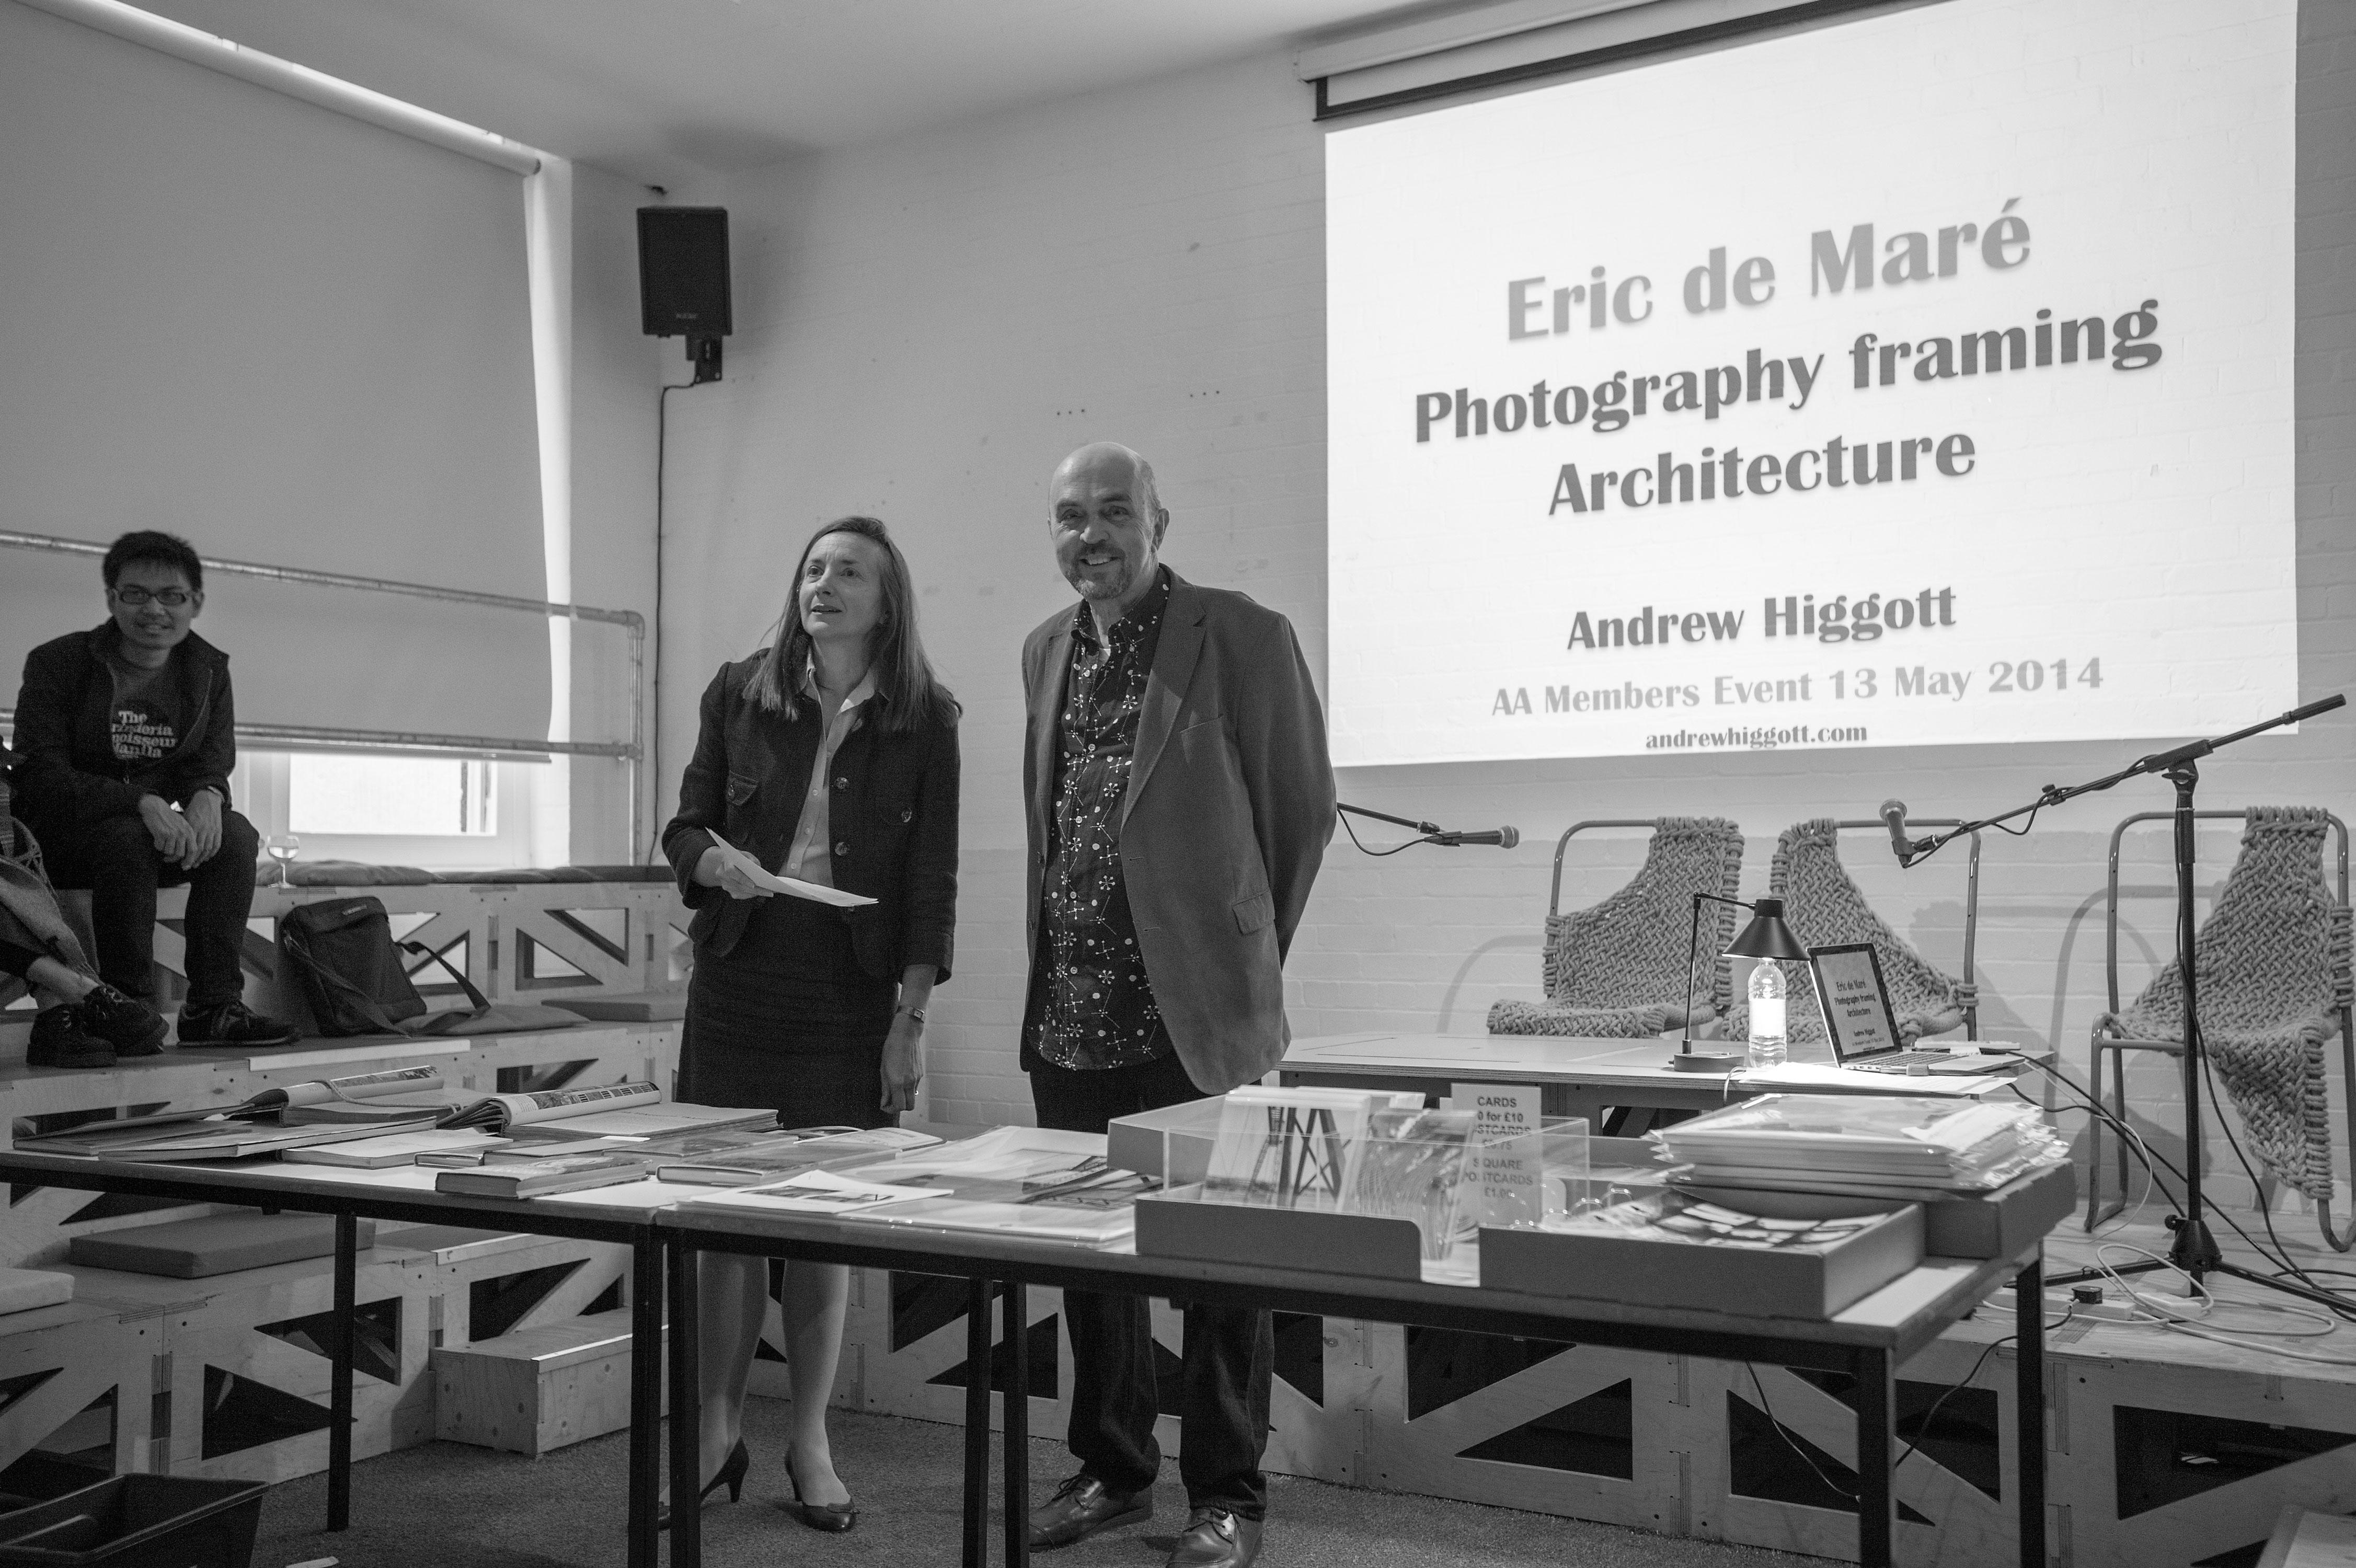 ERIC DE MARÉ: Photography framing architecture